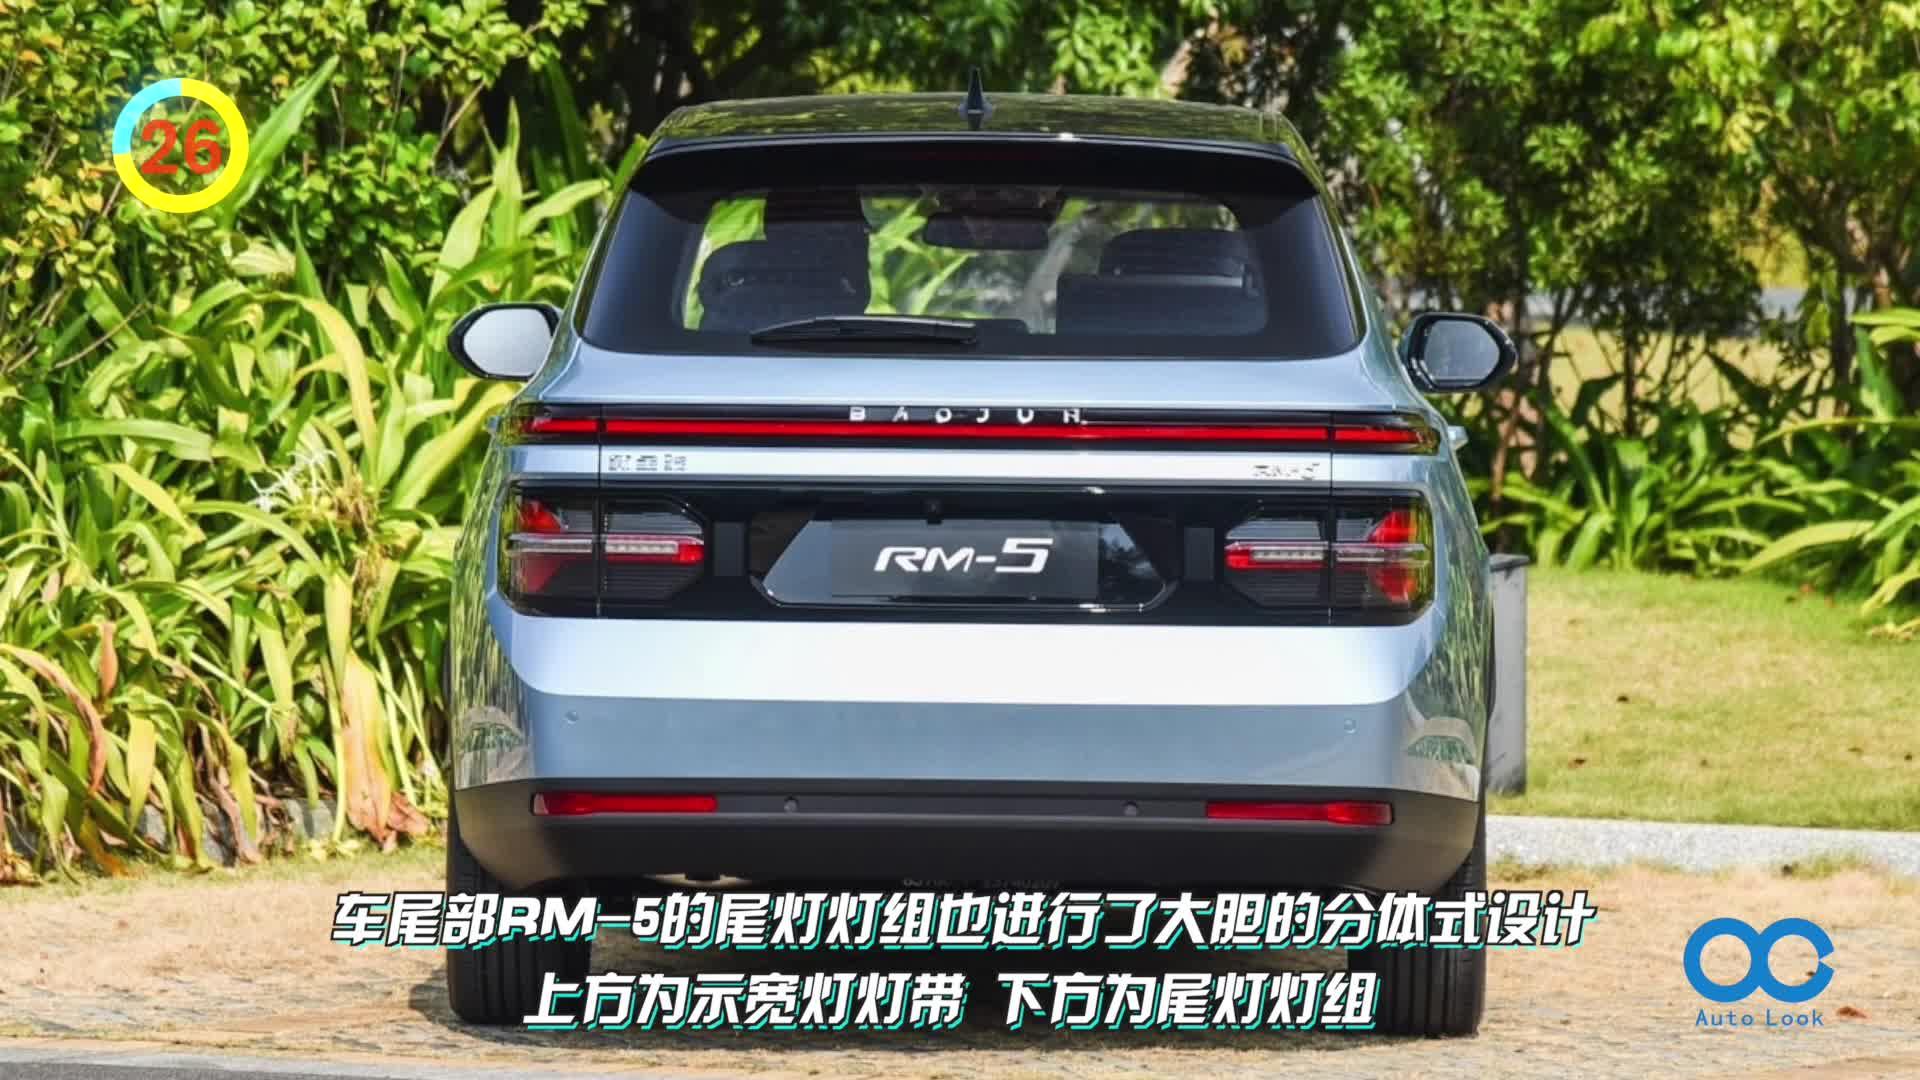 「百秒看车」造型科幻,宝骏RM-5正式上市,8.68万起售